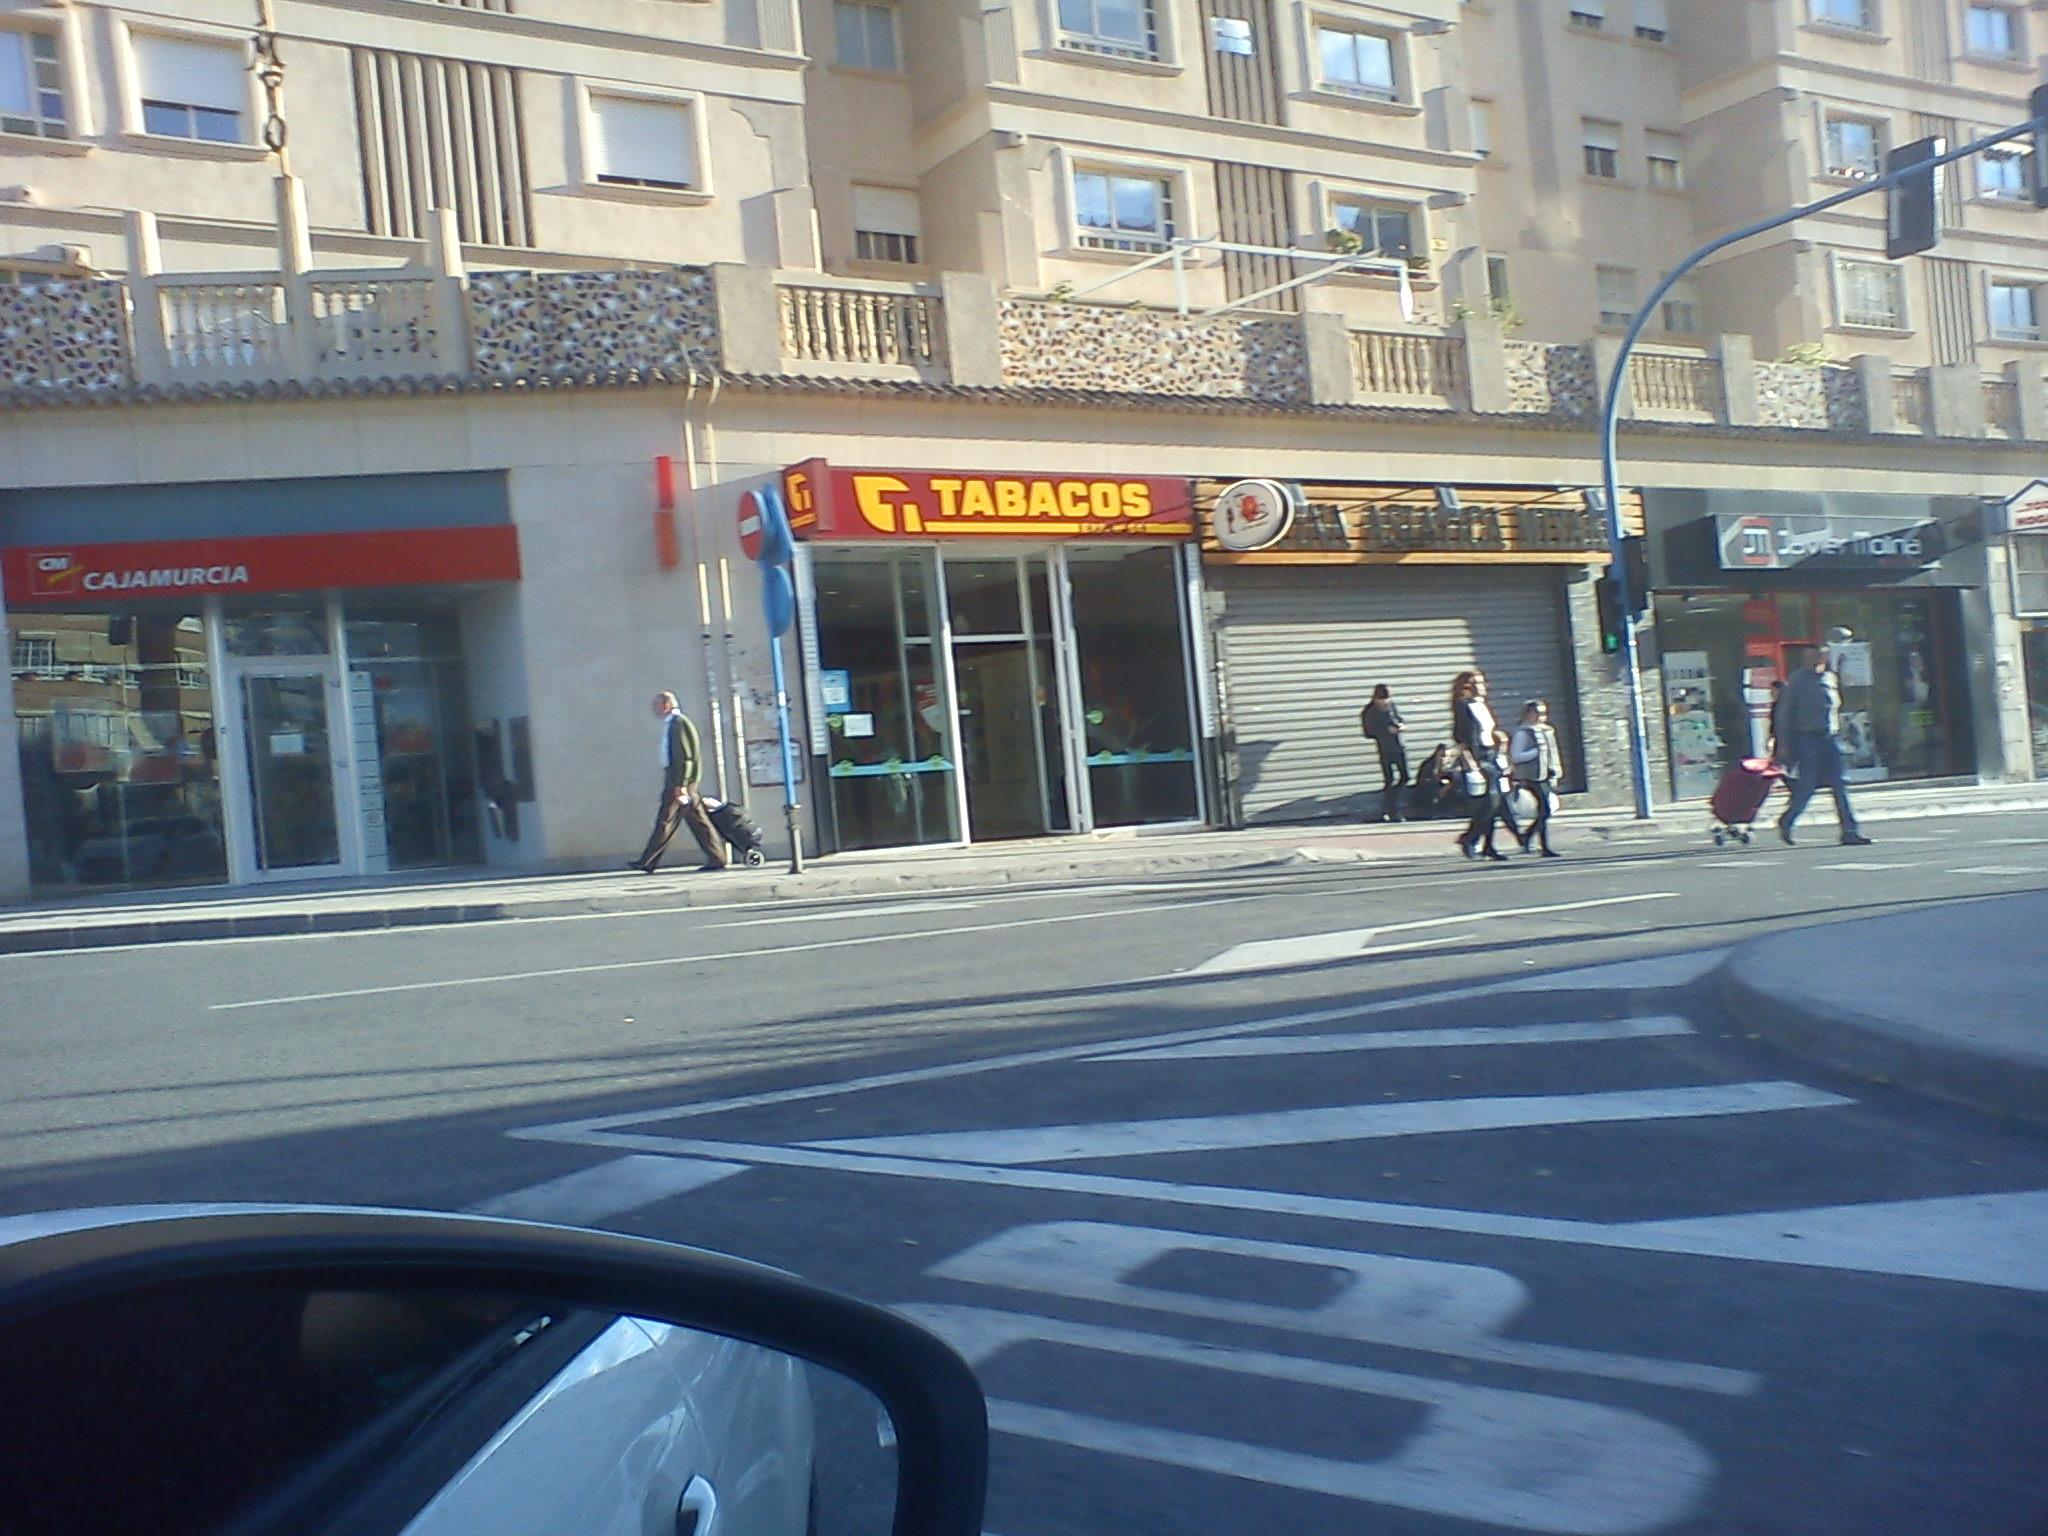 La primera yakuza en las puertas del Miyako. Tapaderas everywhere. http://t.co/oHUmdPgY